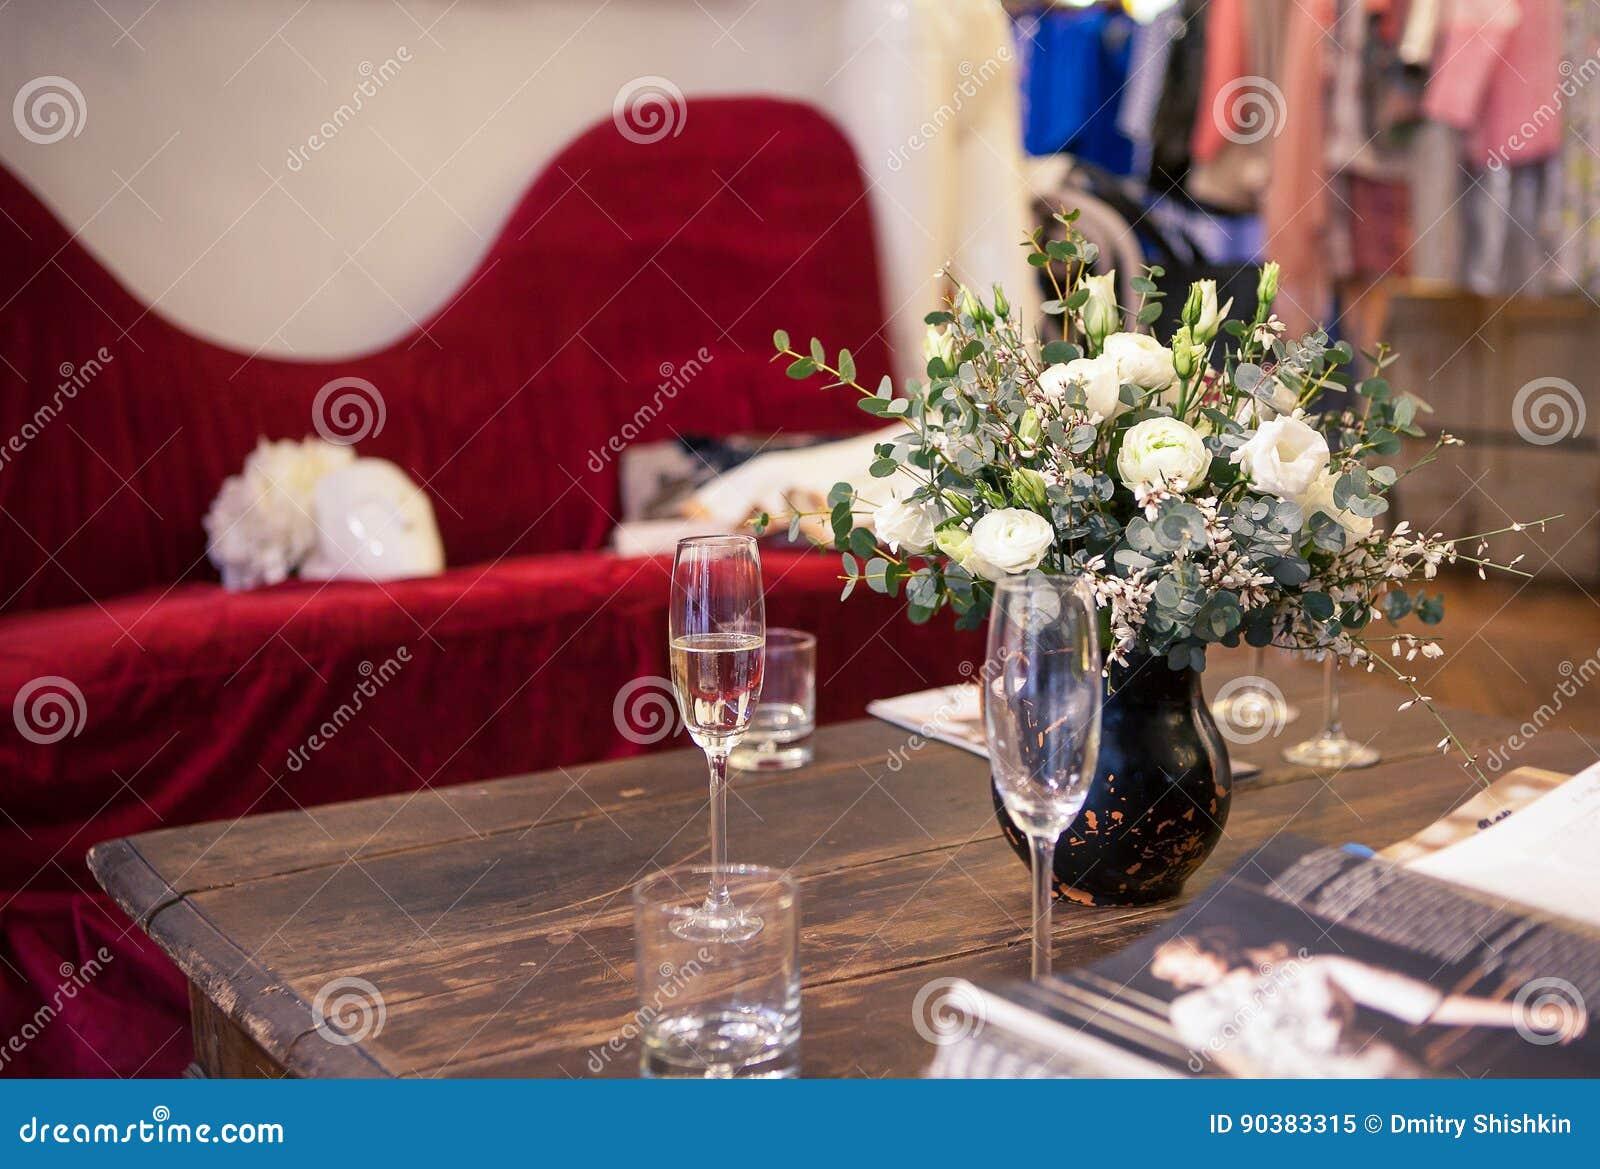 Un ramo de rosas blancas en el interior